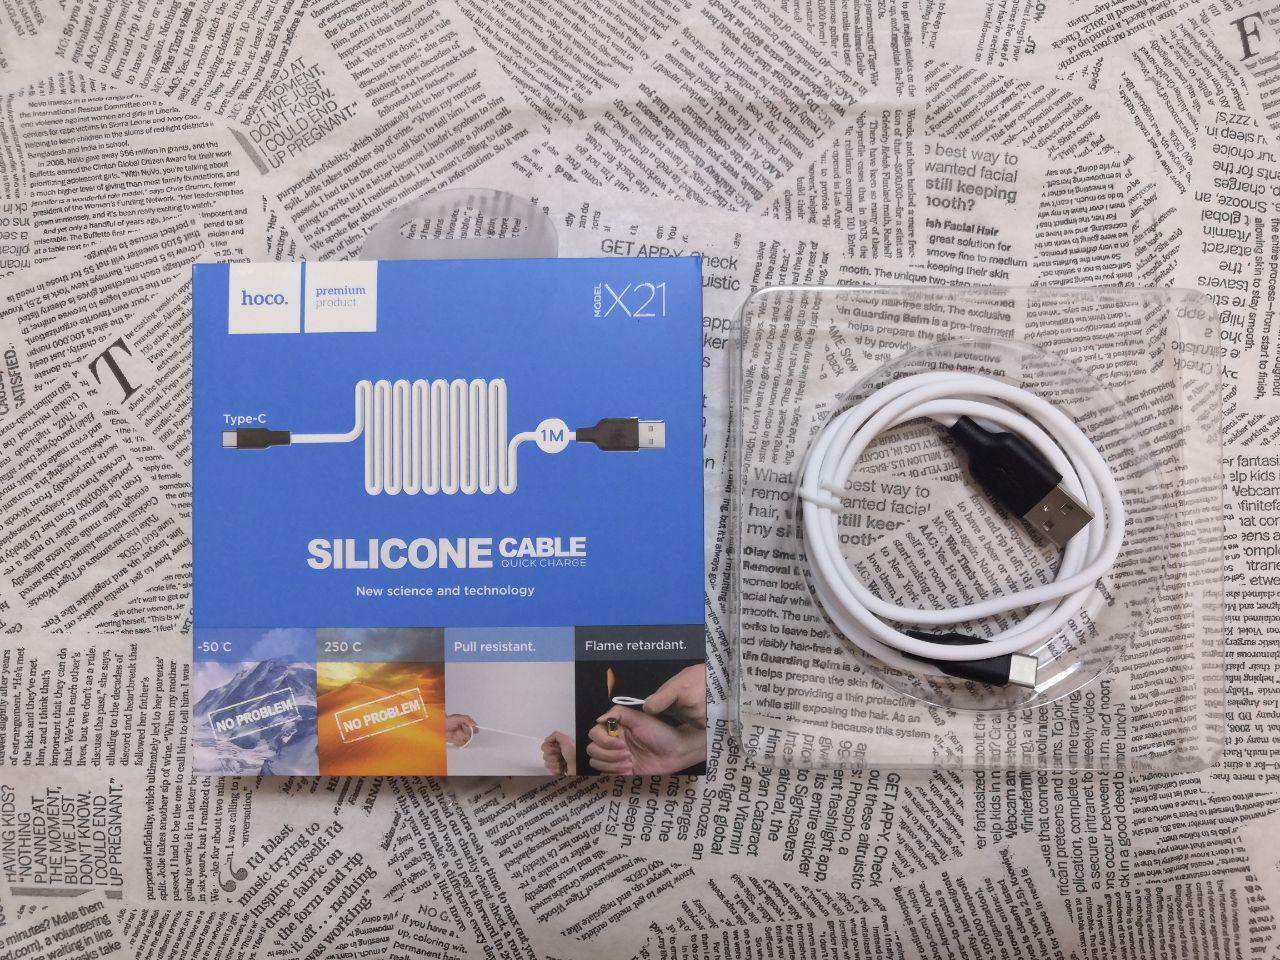 USB кабель Hoco X21 Silicone Type-C White (белый)